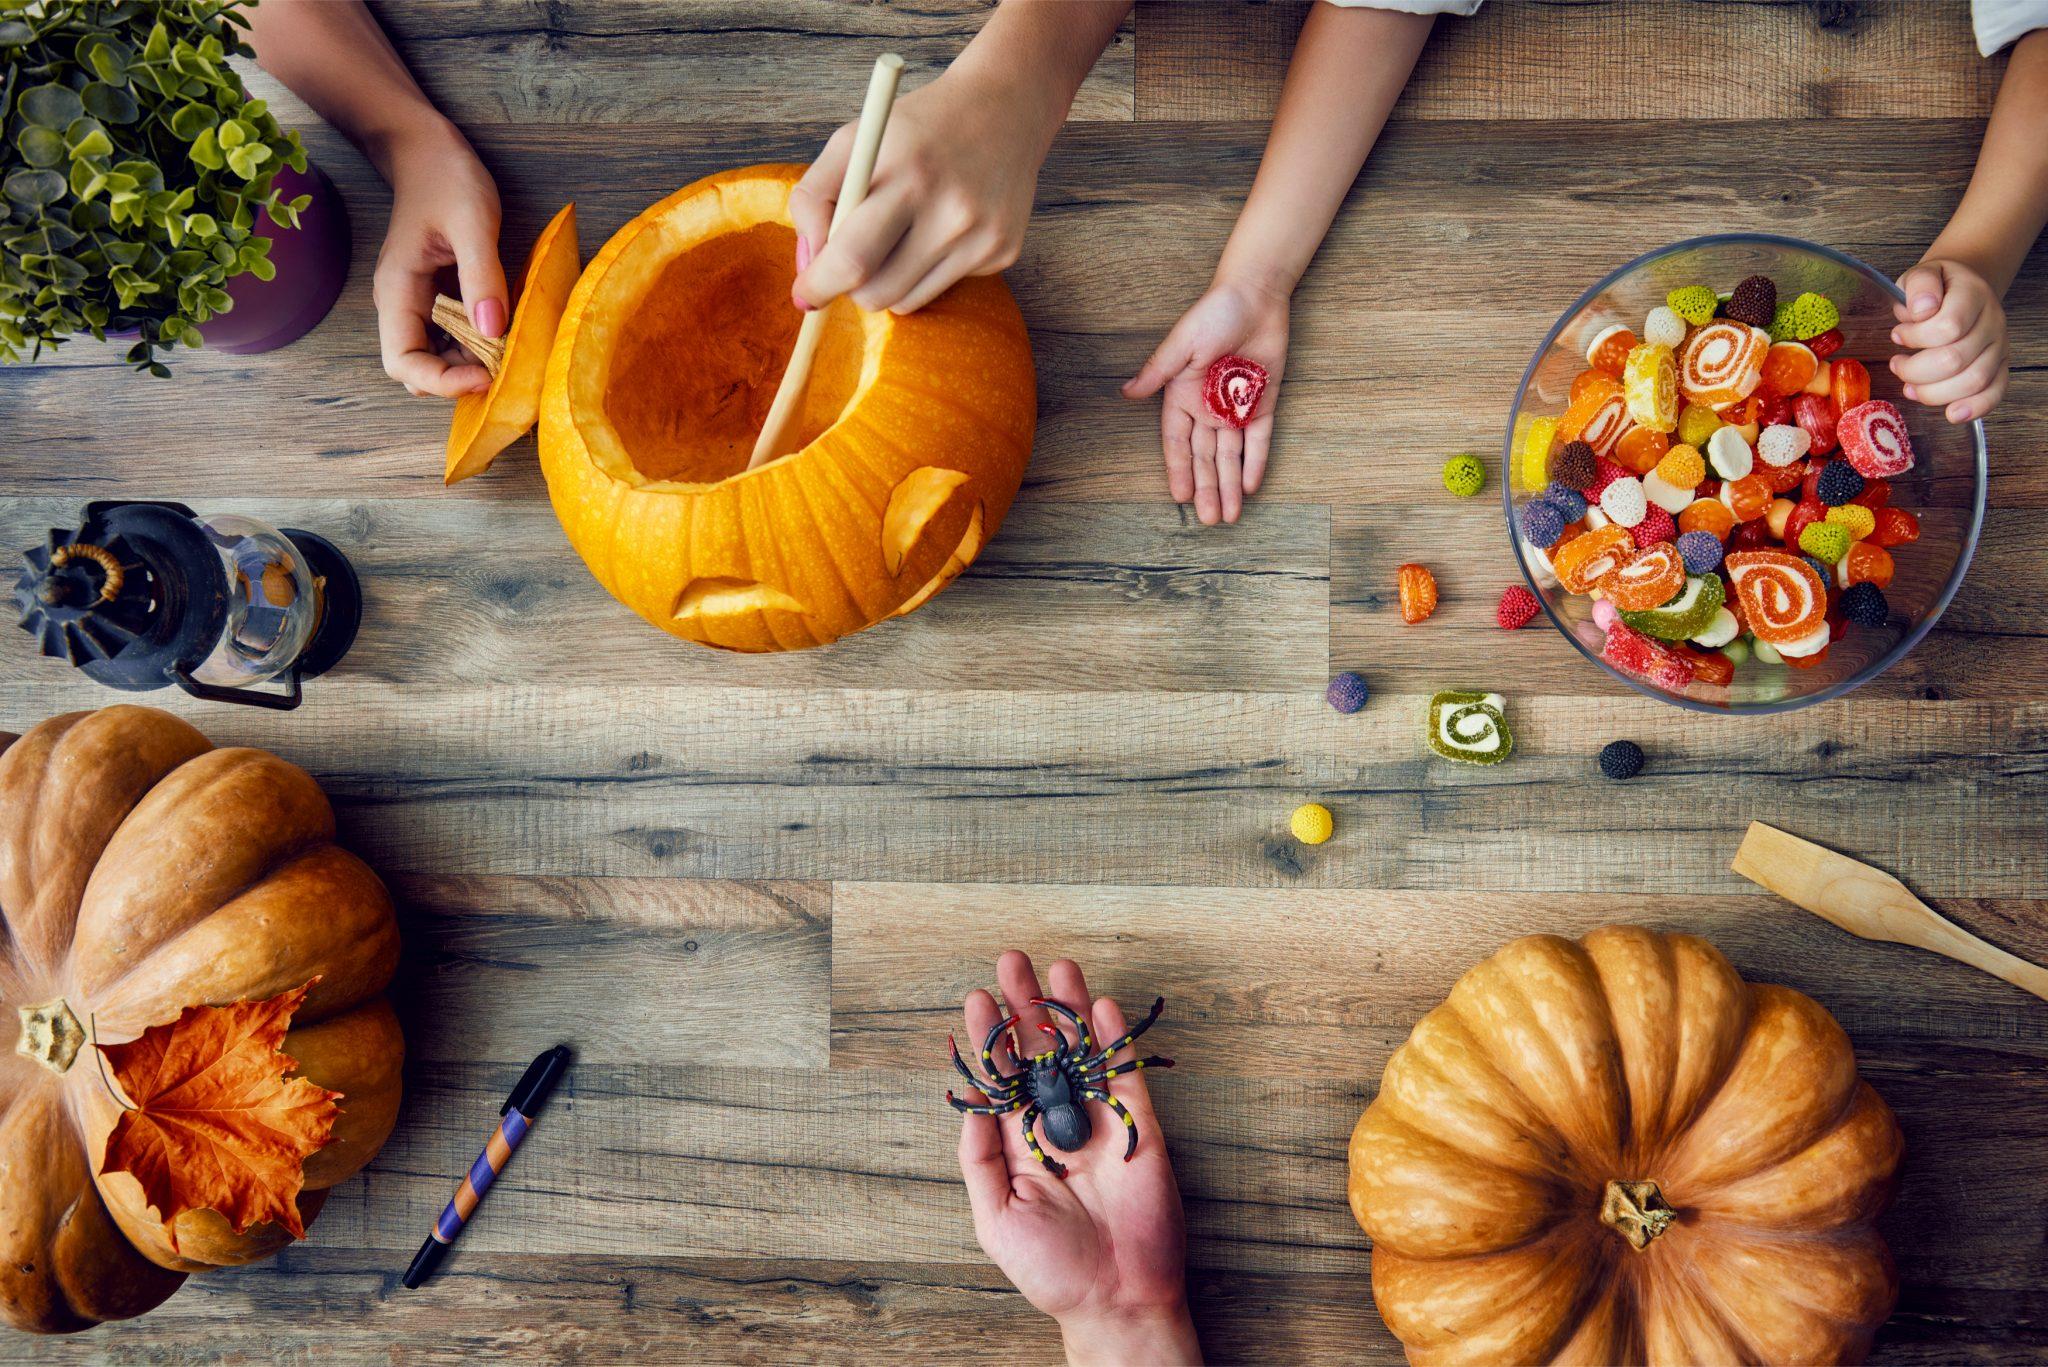 ハロウィン用のかぼちゃをくり抜いているところ